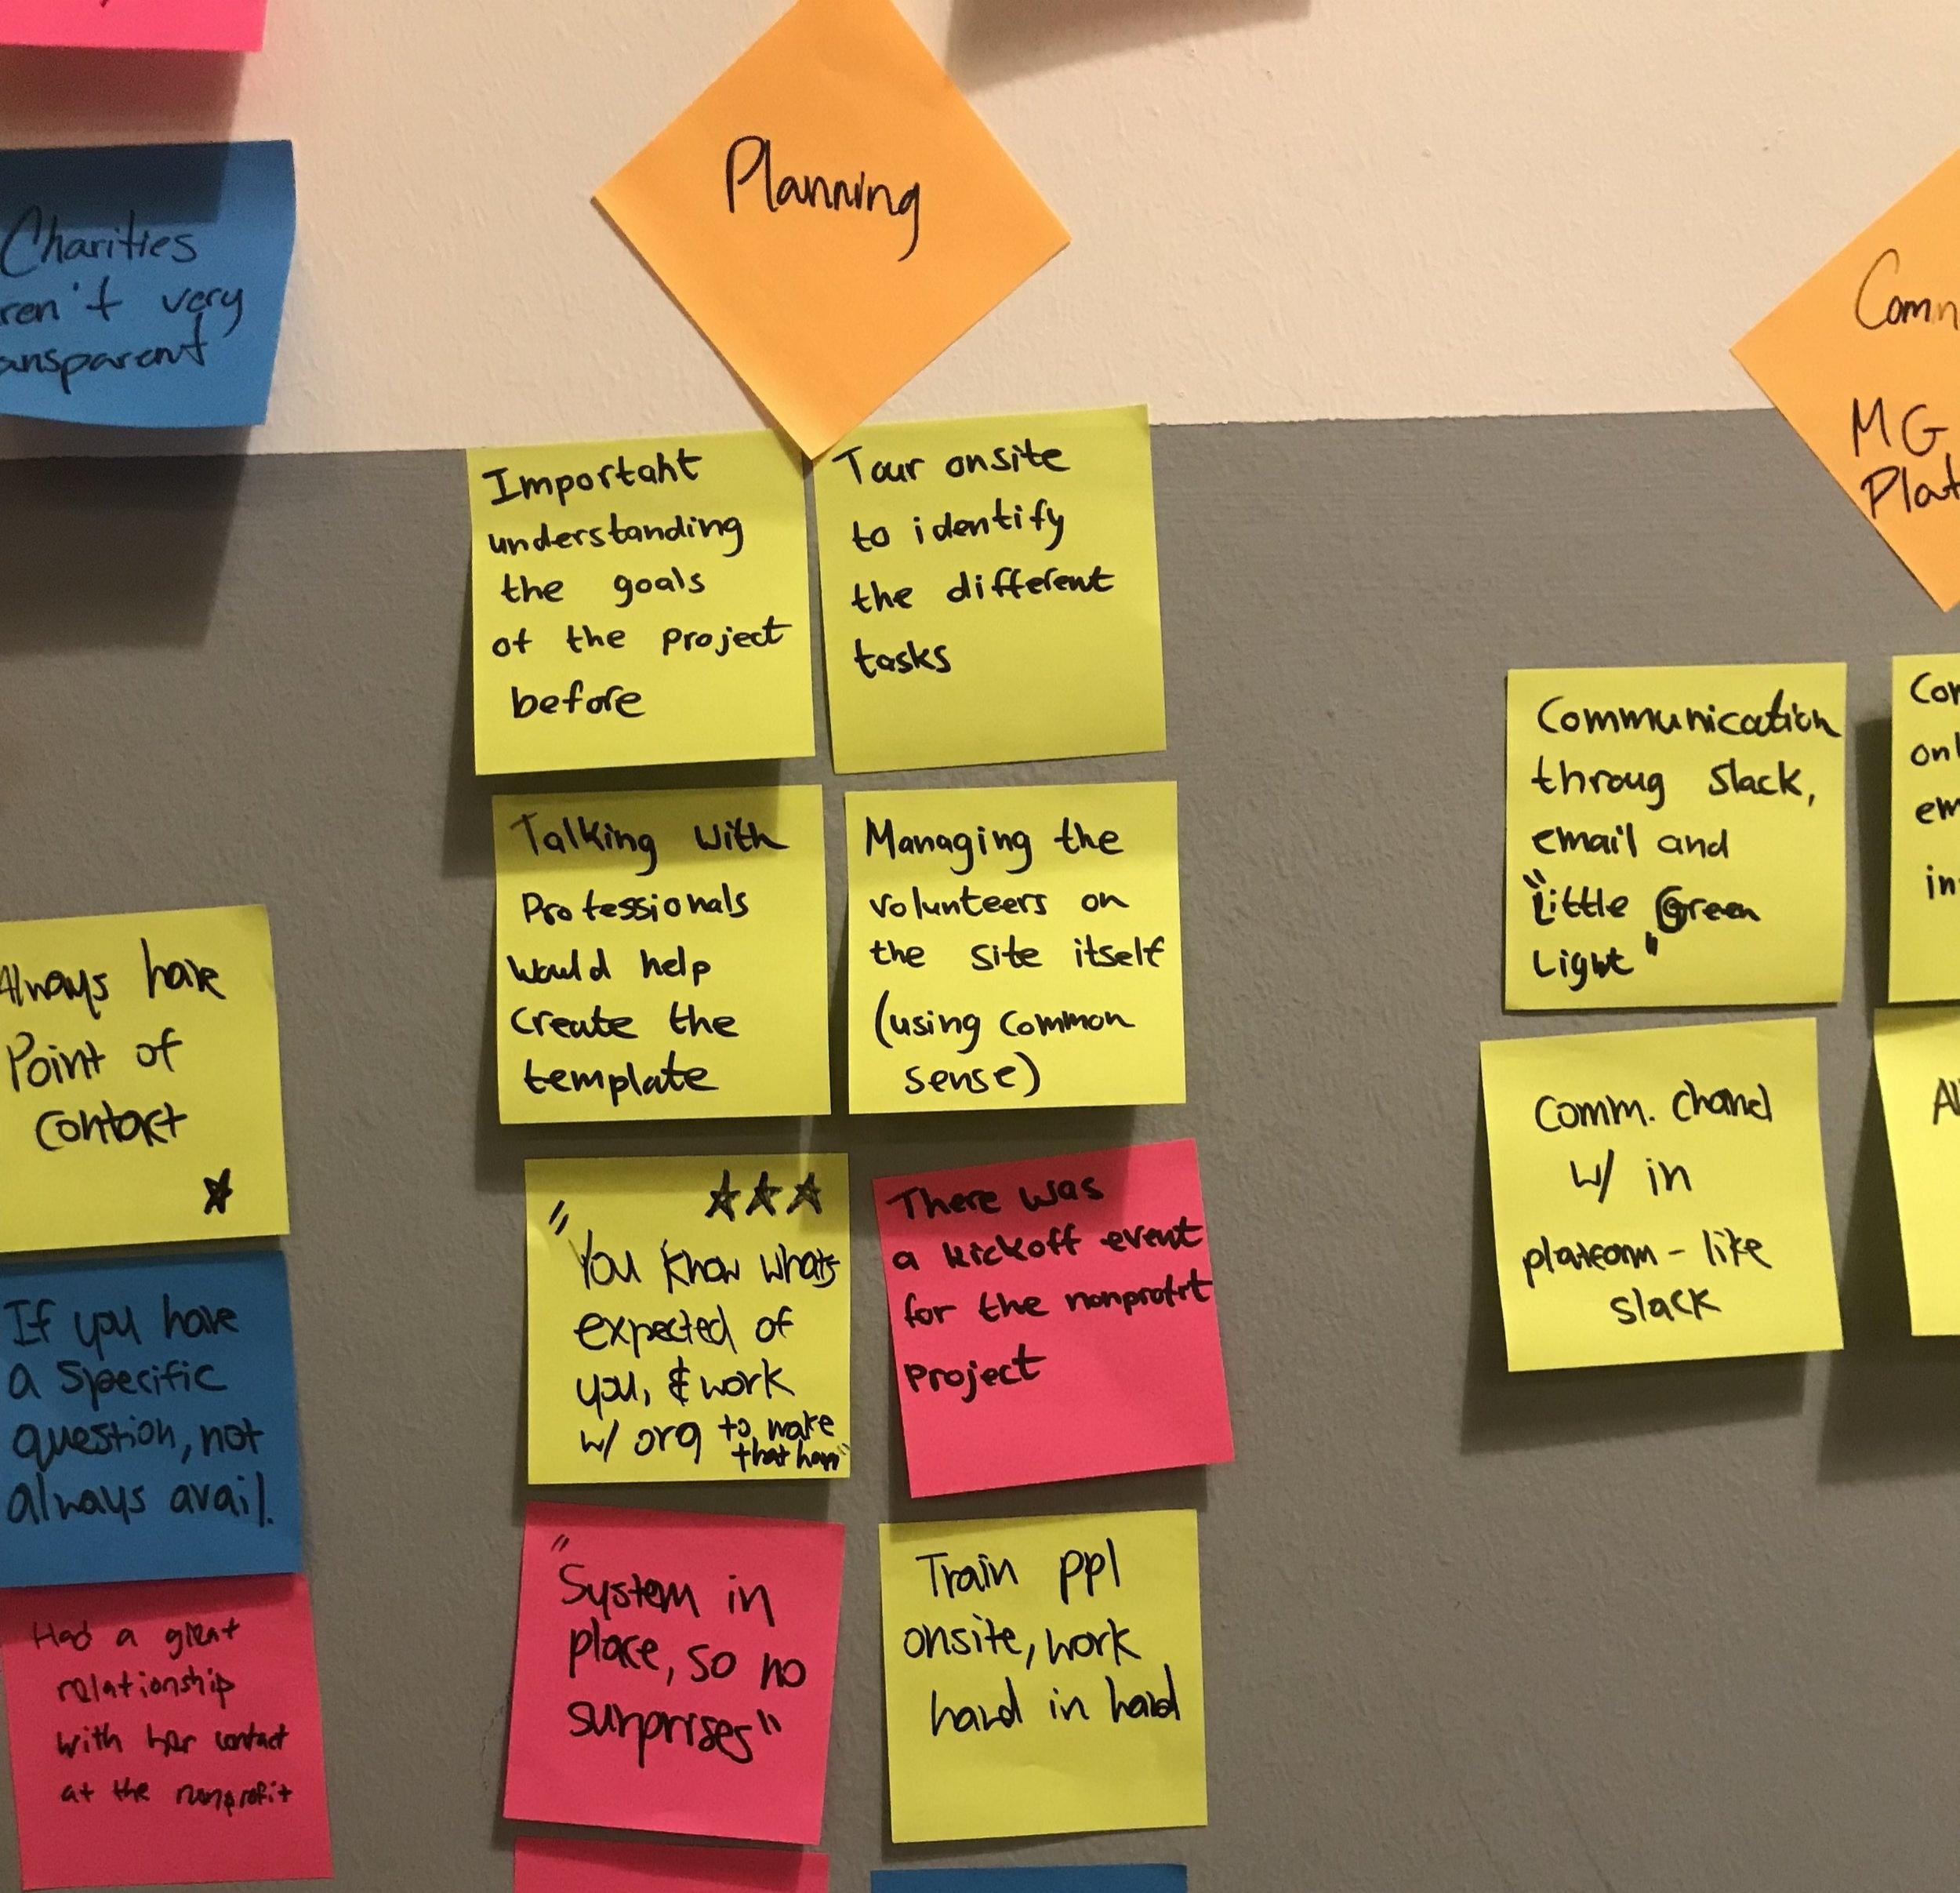 Urban Array_Affinity Diagram_Planning (1).JPG